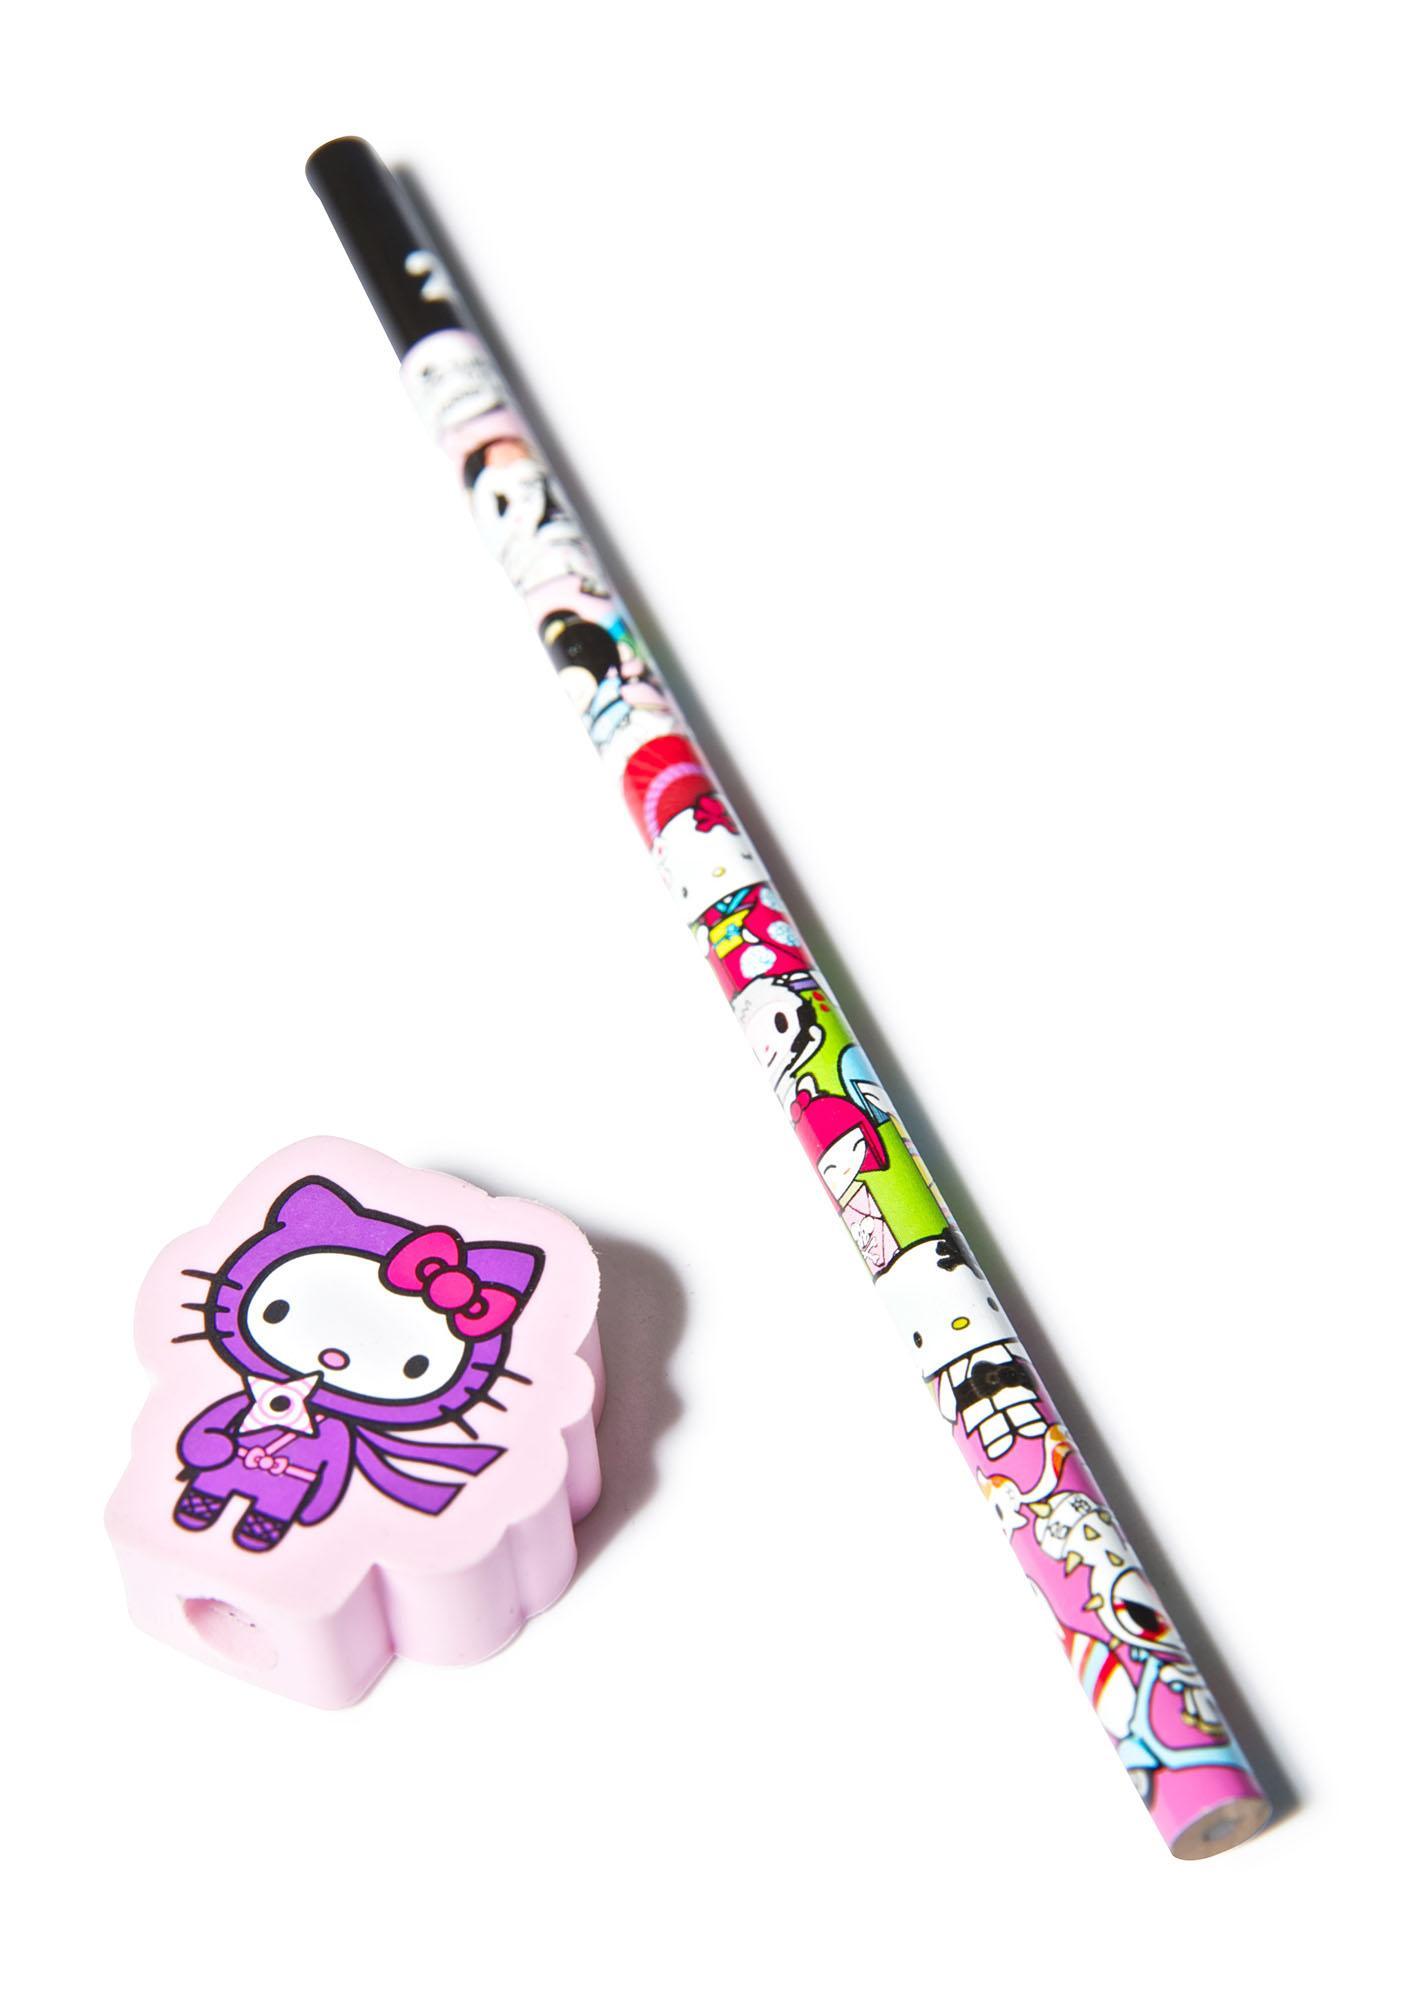 Tokidoki x Hello Kitty Ninja Pencil